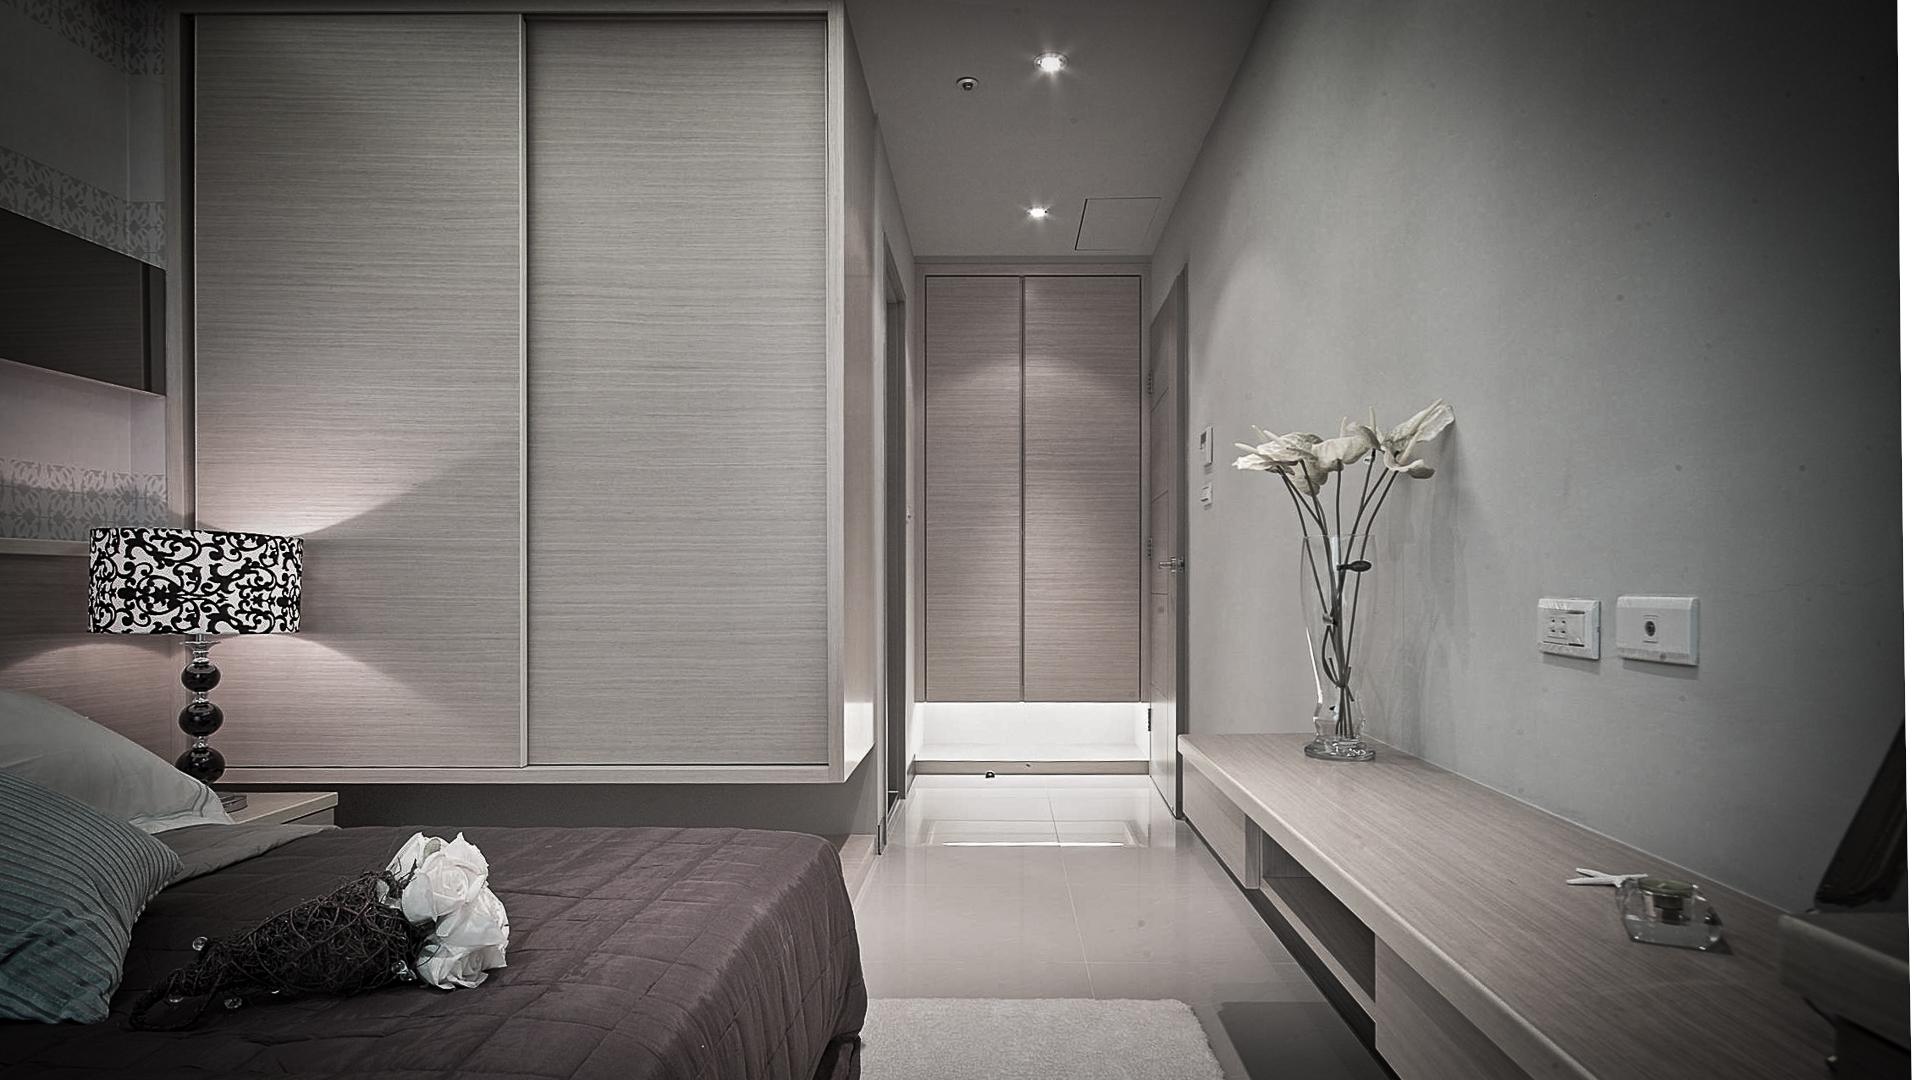 0011_室內設計師推薦風格簡約北歐風Scandinavian style-11